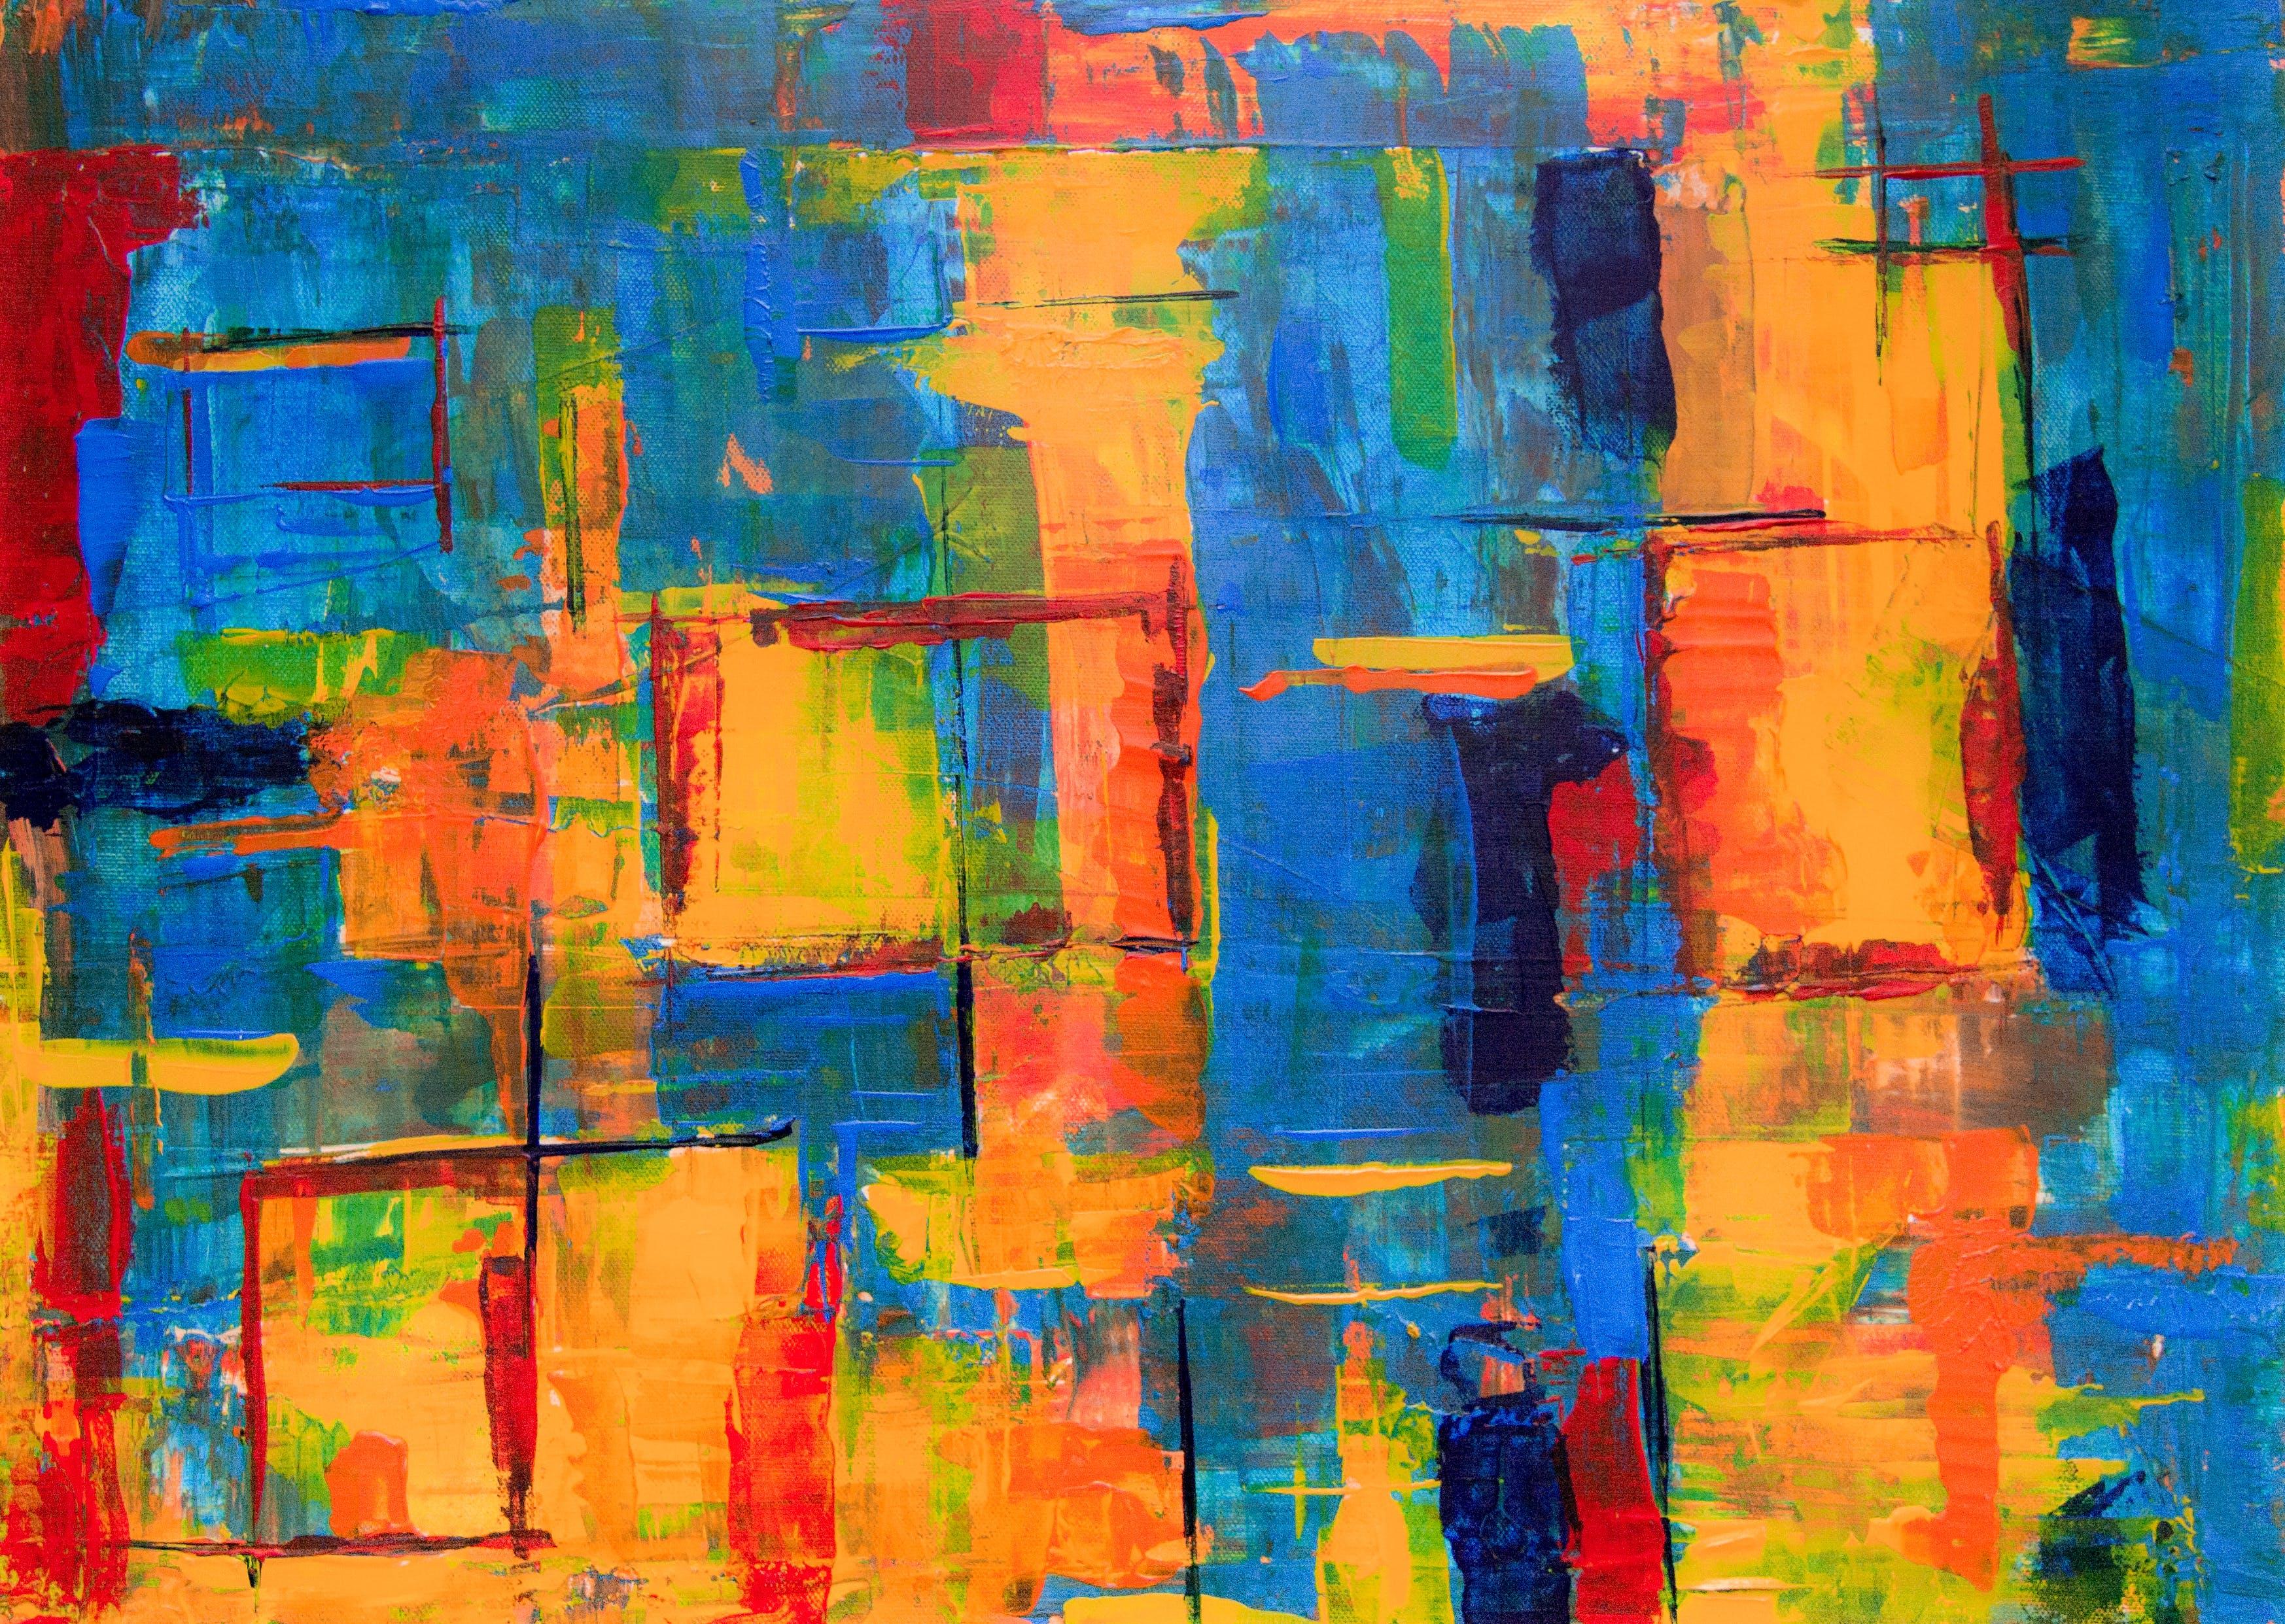 그림, 다채로운, 생생한 색상, 아크릴 그림의 무료 스톡 사진